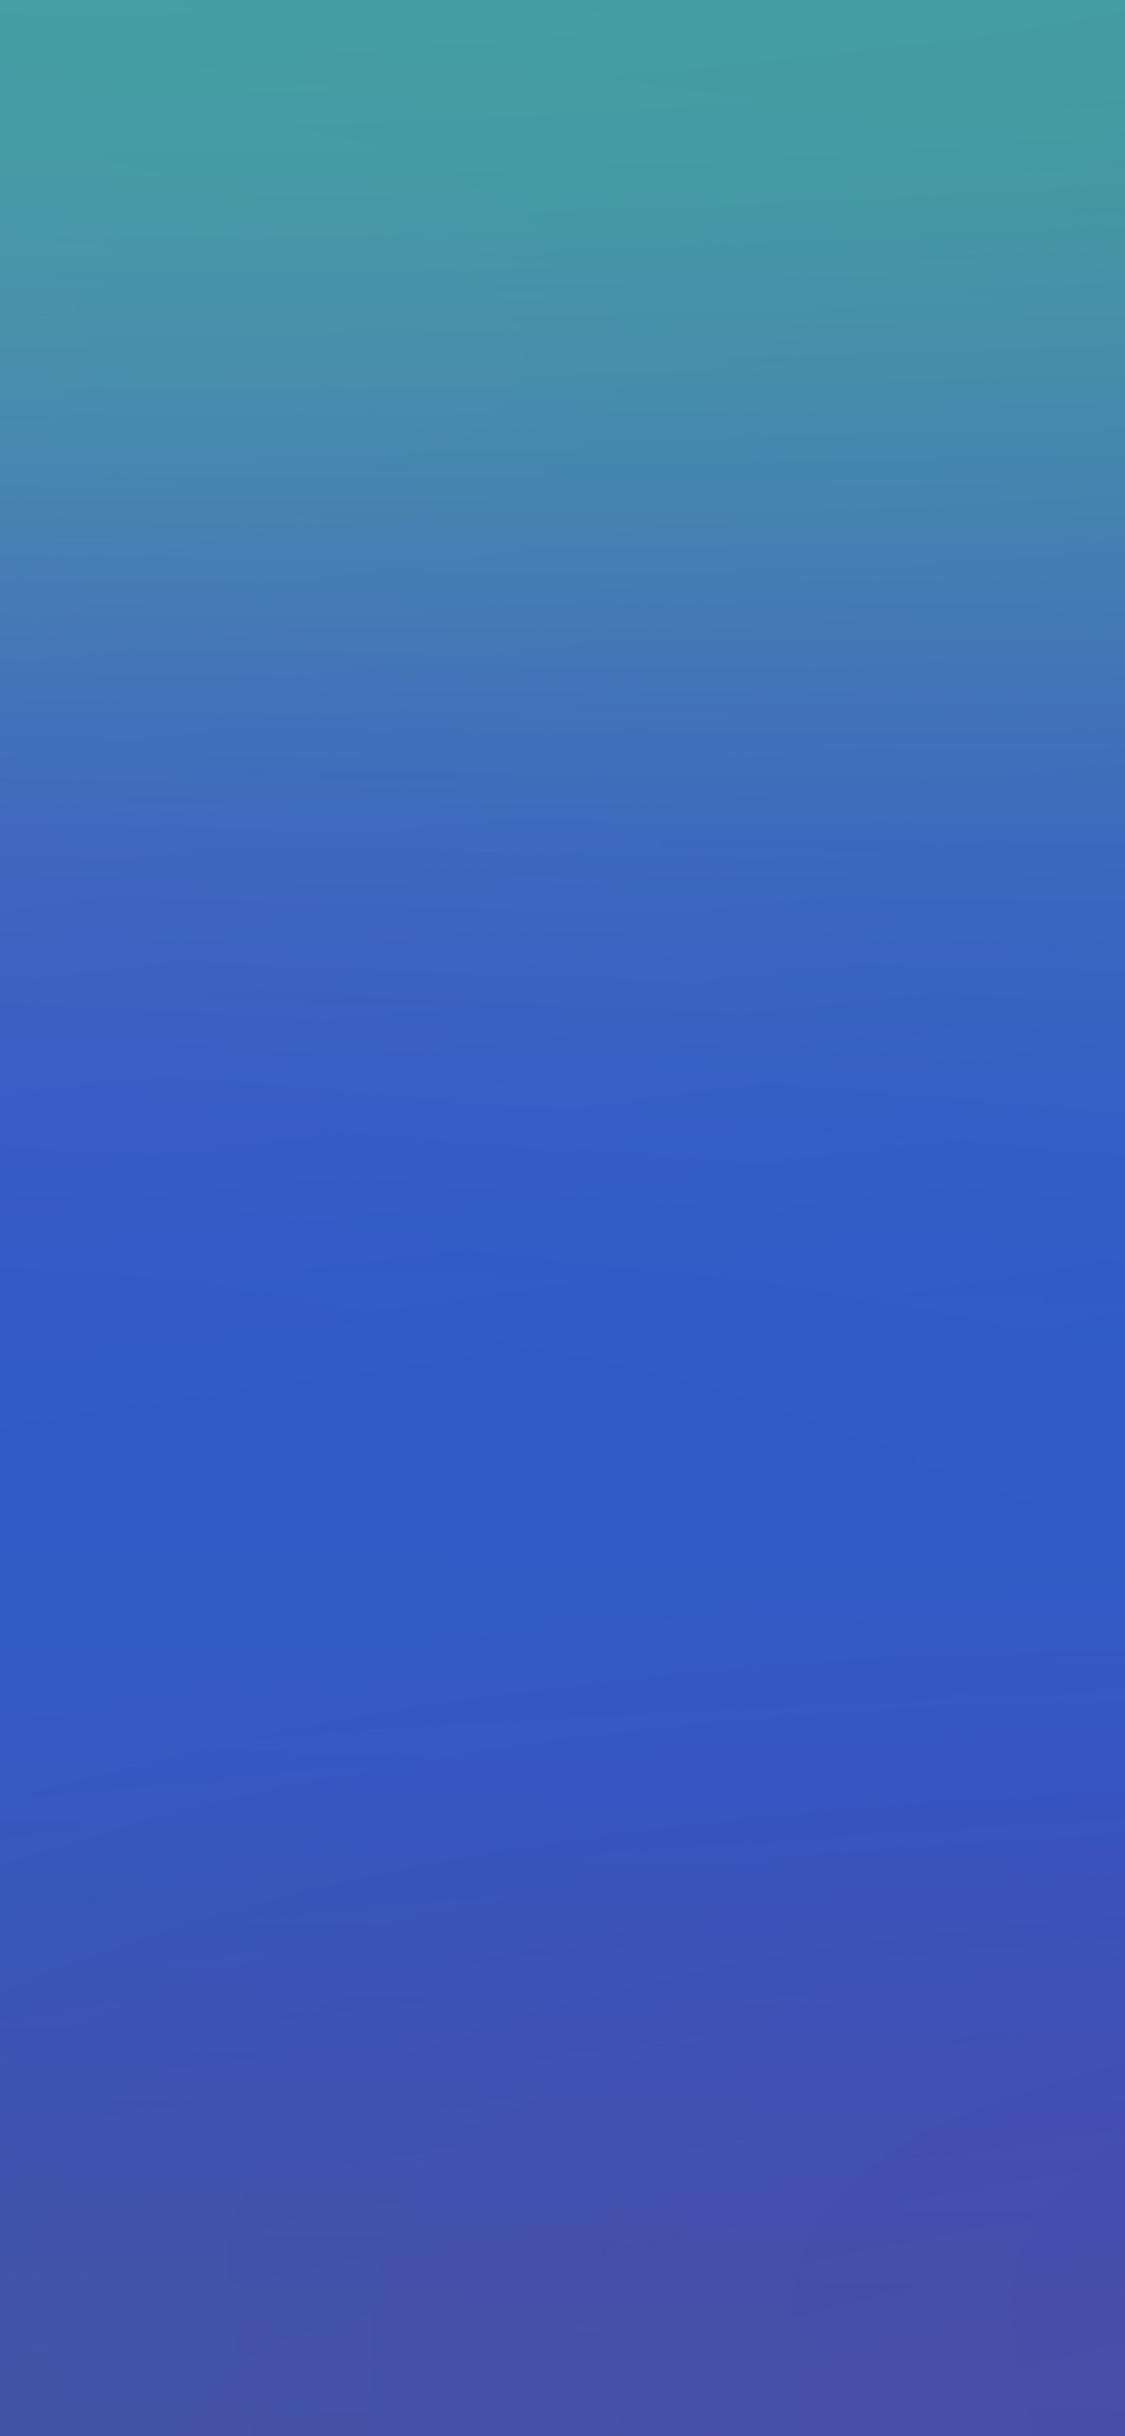 iPhoneXpapers.com-Apple-iPhone-wallpaper-sc95-blue-sea-ocean-dive-scuba-blur